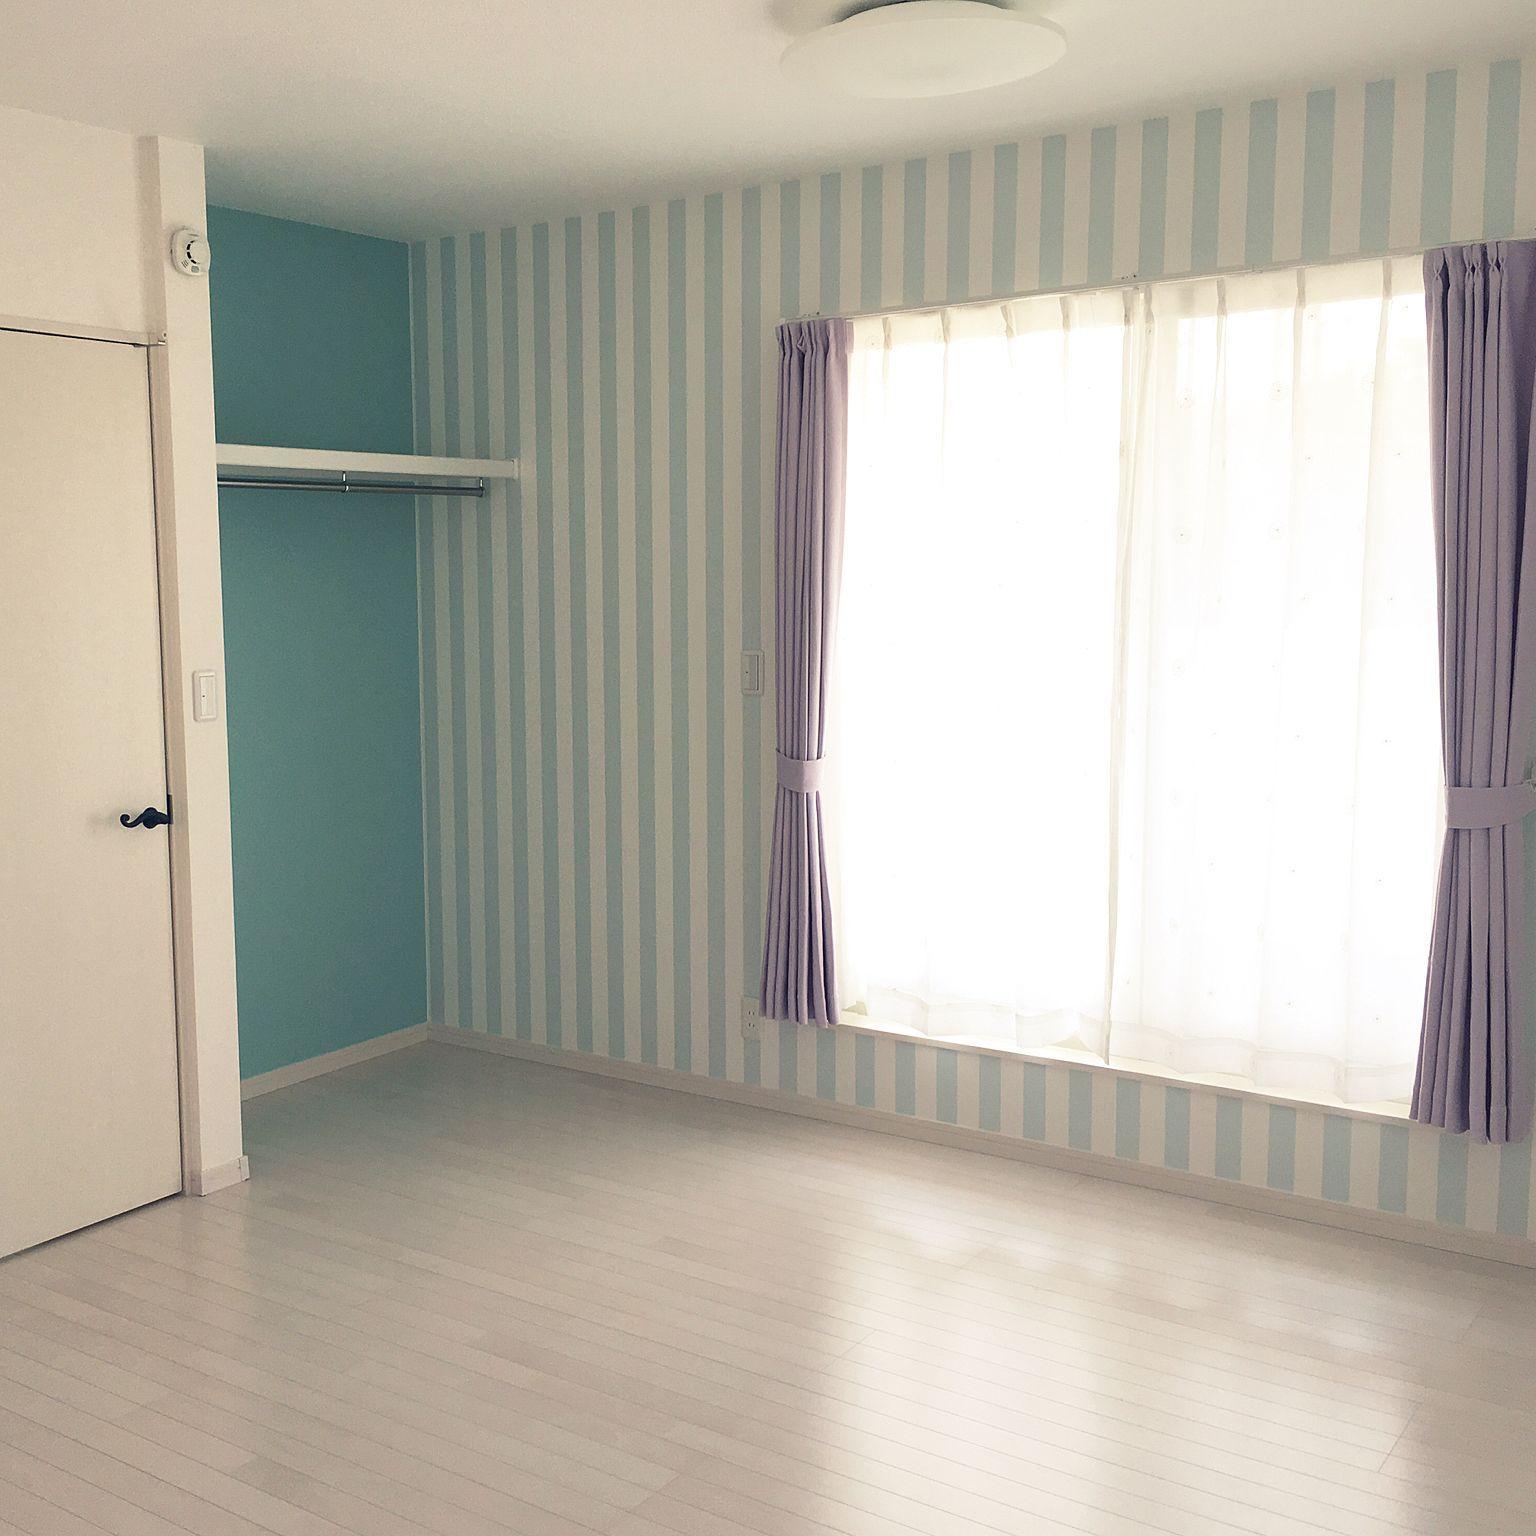 部屋全体 子供部屋 ブルー系 ストライプの壁 サンゲツ壁紙 などの